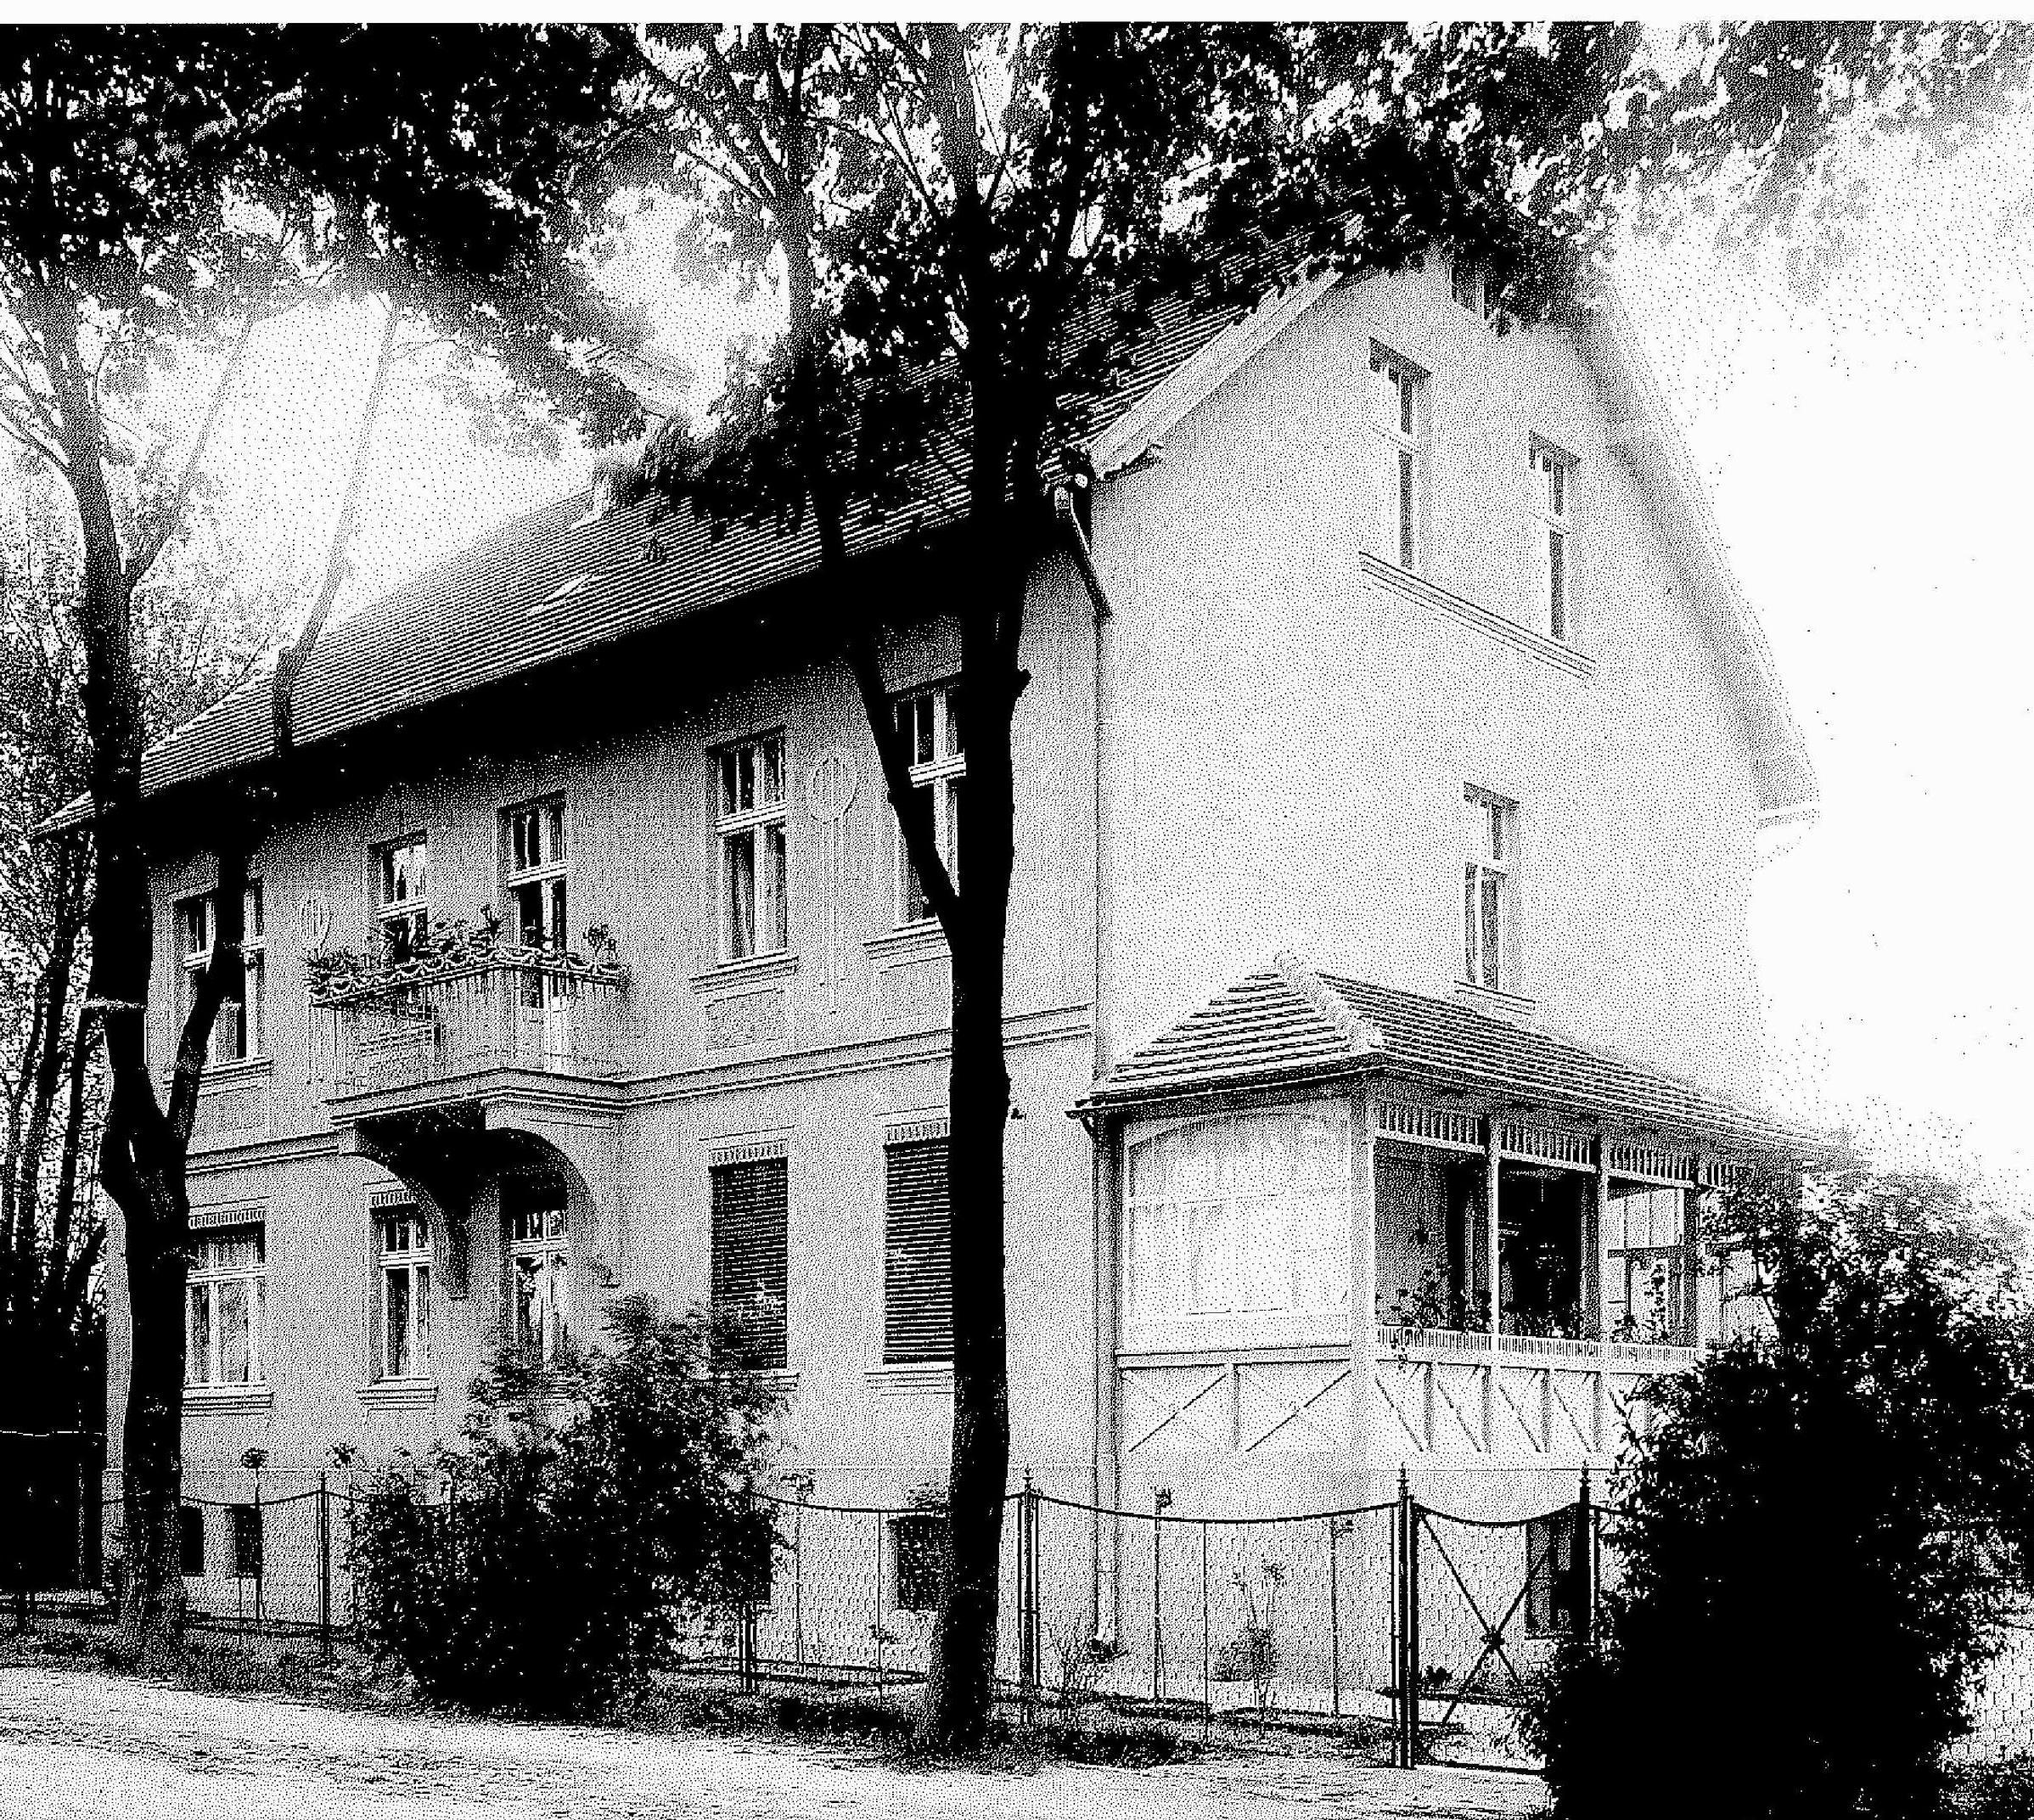 Das schmucke Haus auf einer Aufnahme aus der Zeit um etwa 1930. Foto: Barbara Seifert